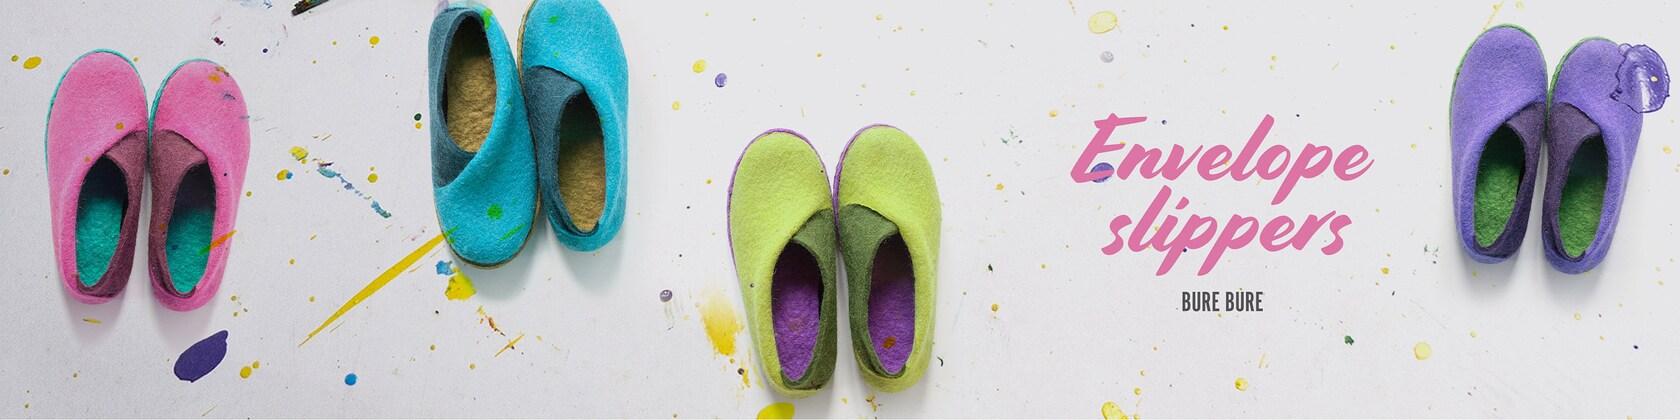 Handmade felted wool slippers for women men von BureBureSlippers